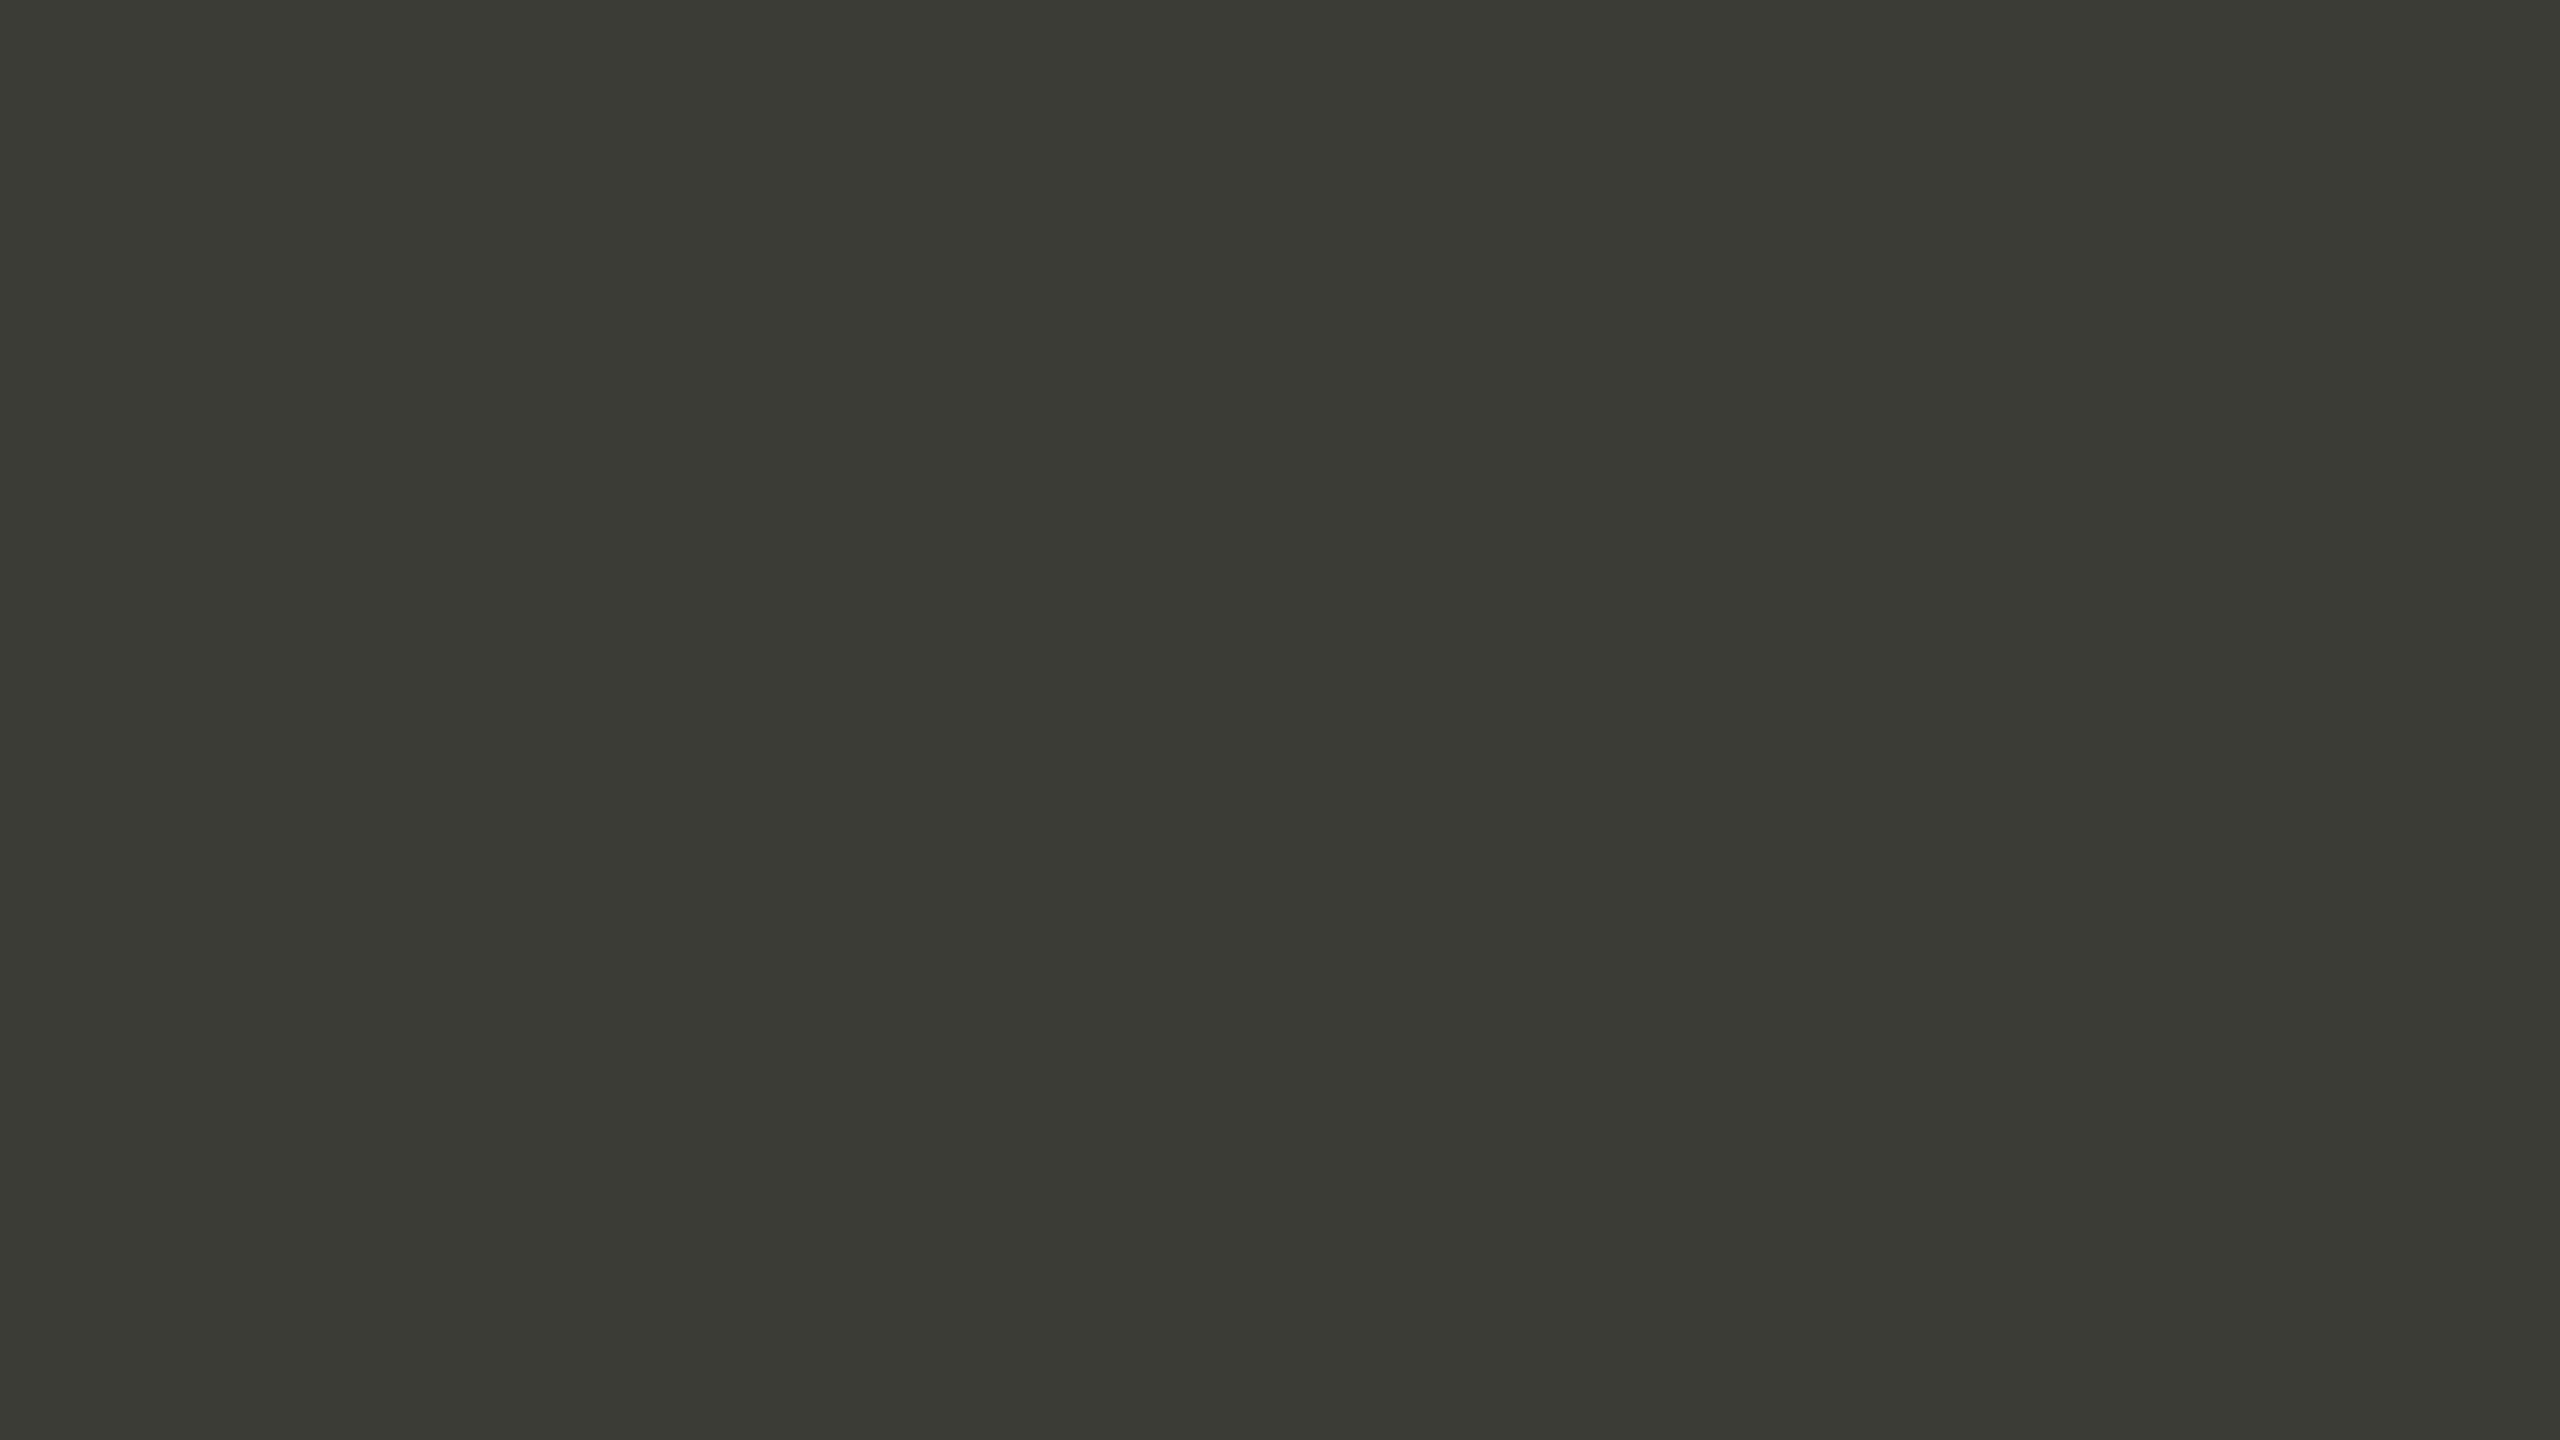 2560x1440 Black Olive Solid Color Background